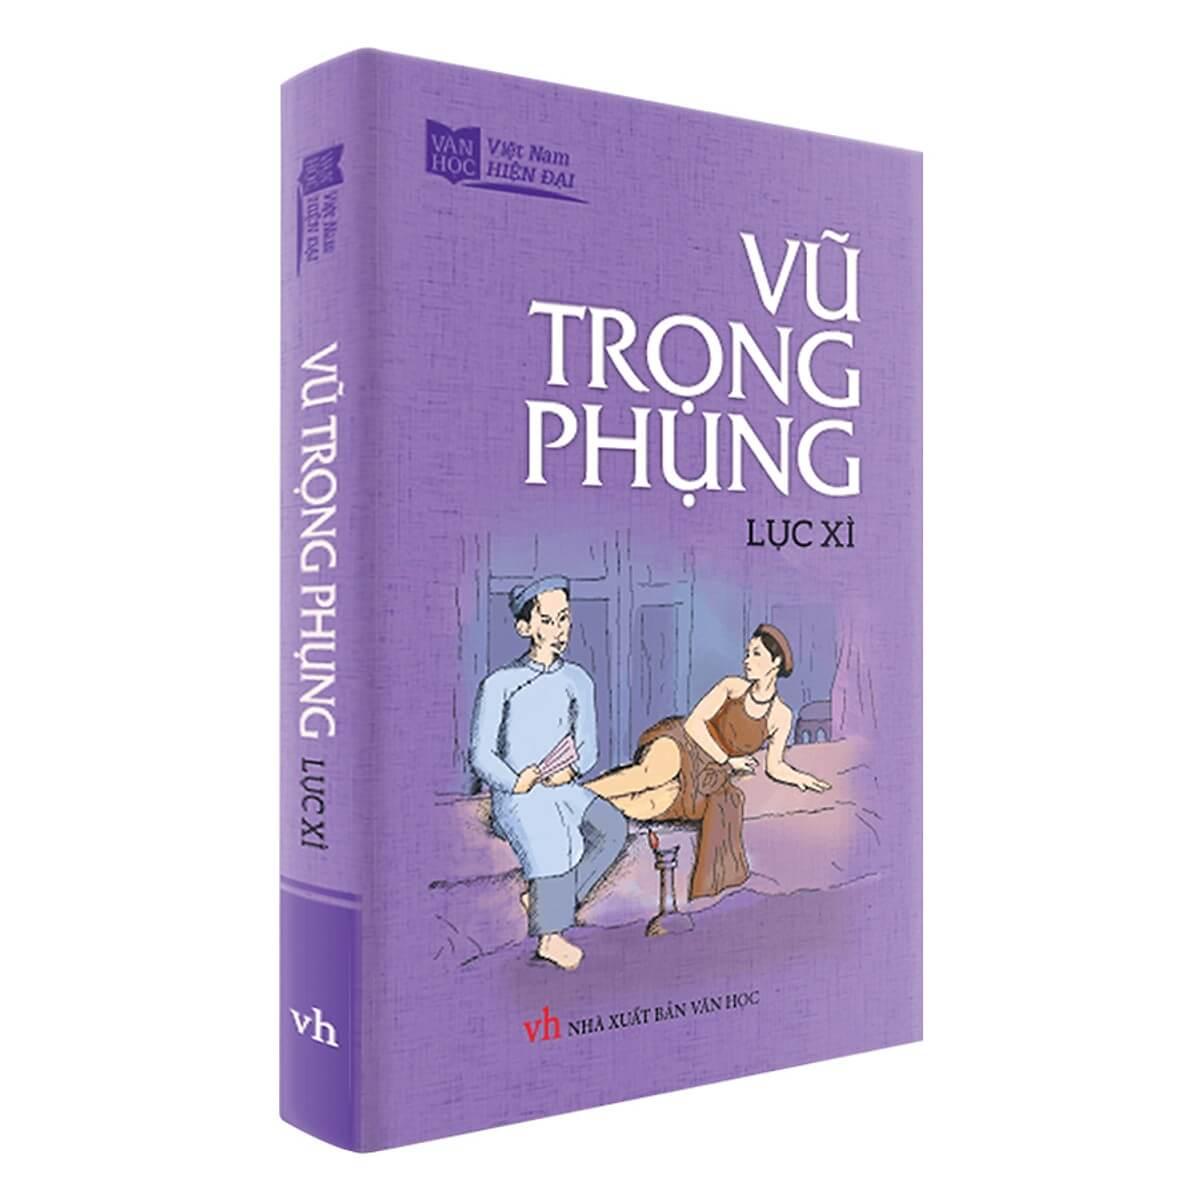 Lục Xì - reviewsach.net